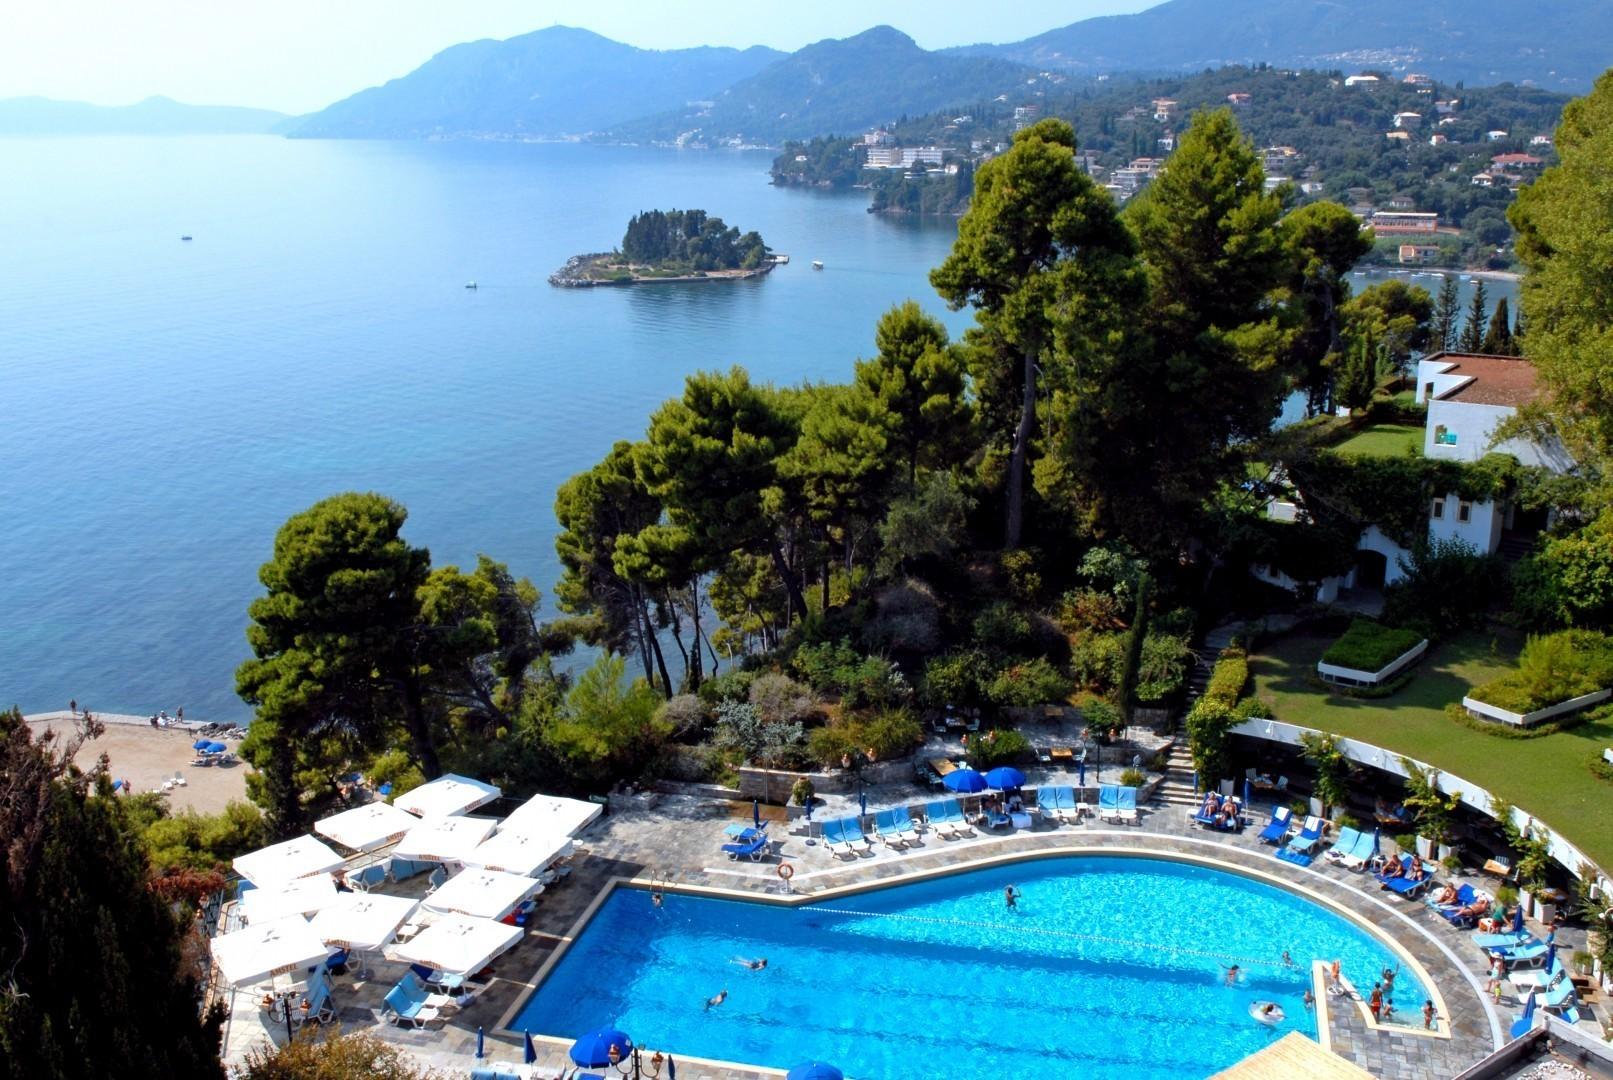 Hotel Corfu Holiday Palace 4* - Corfu